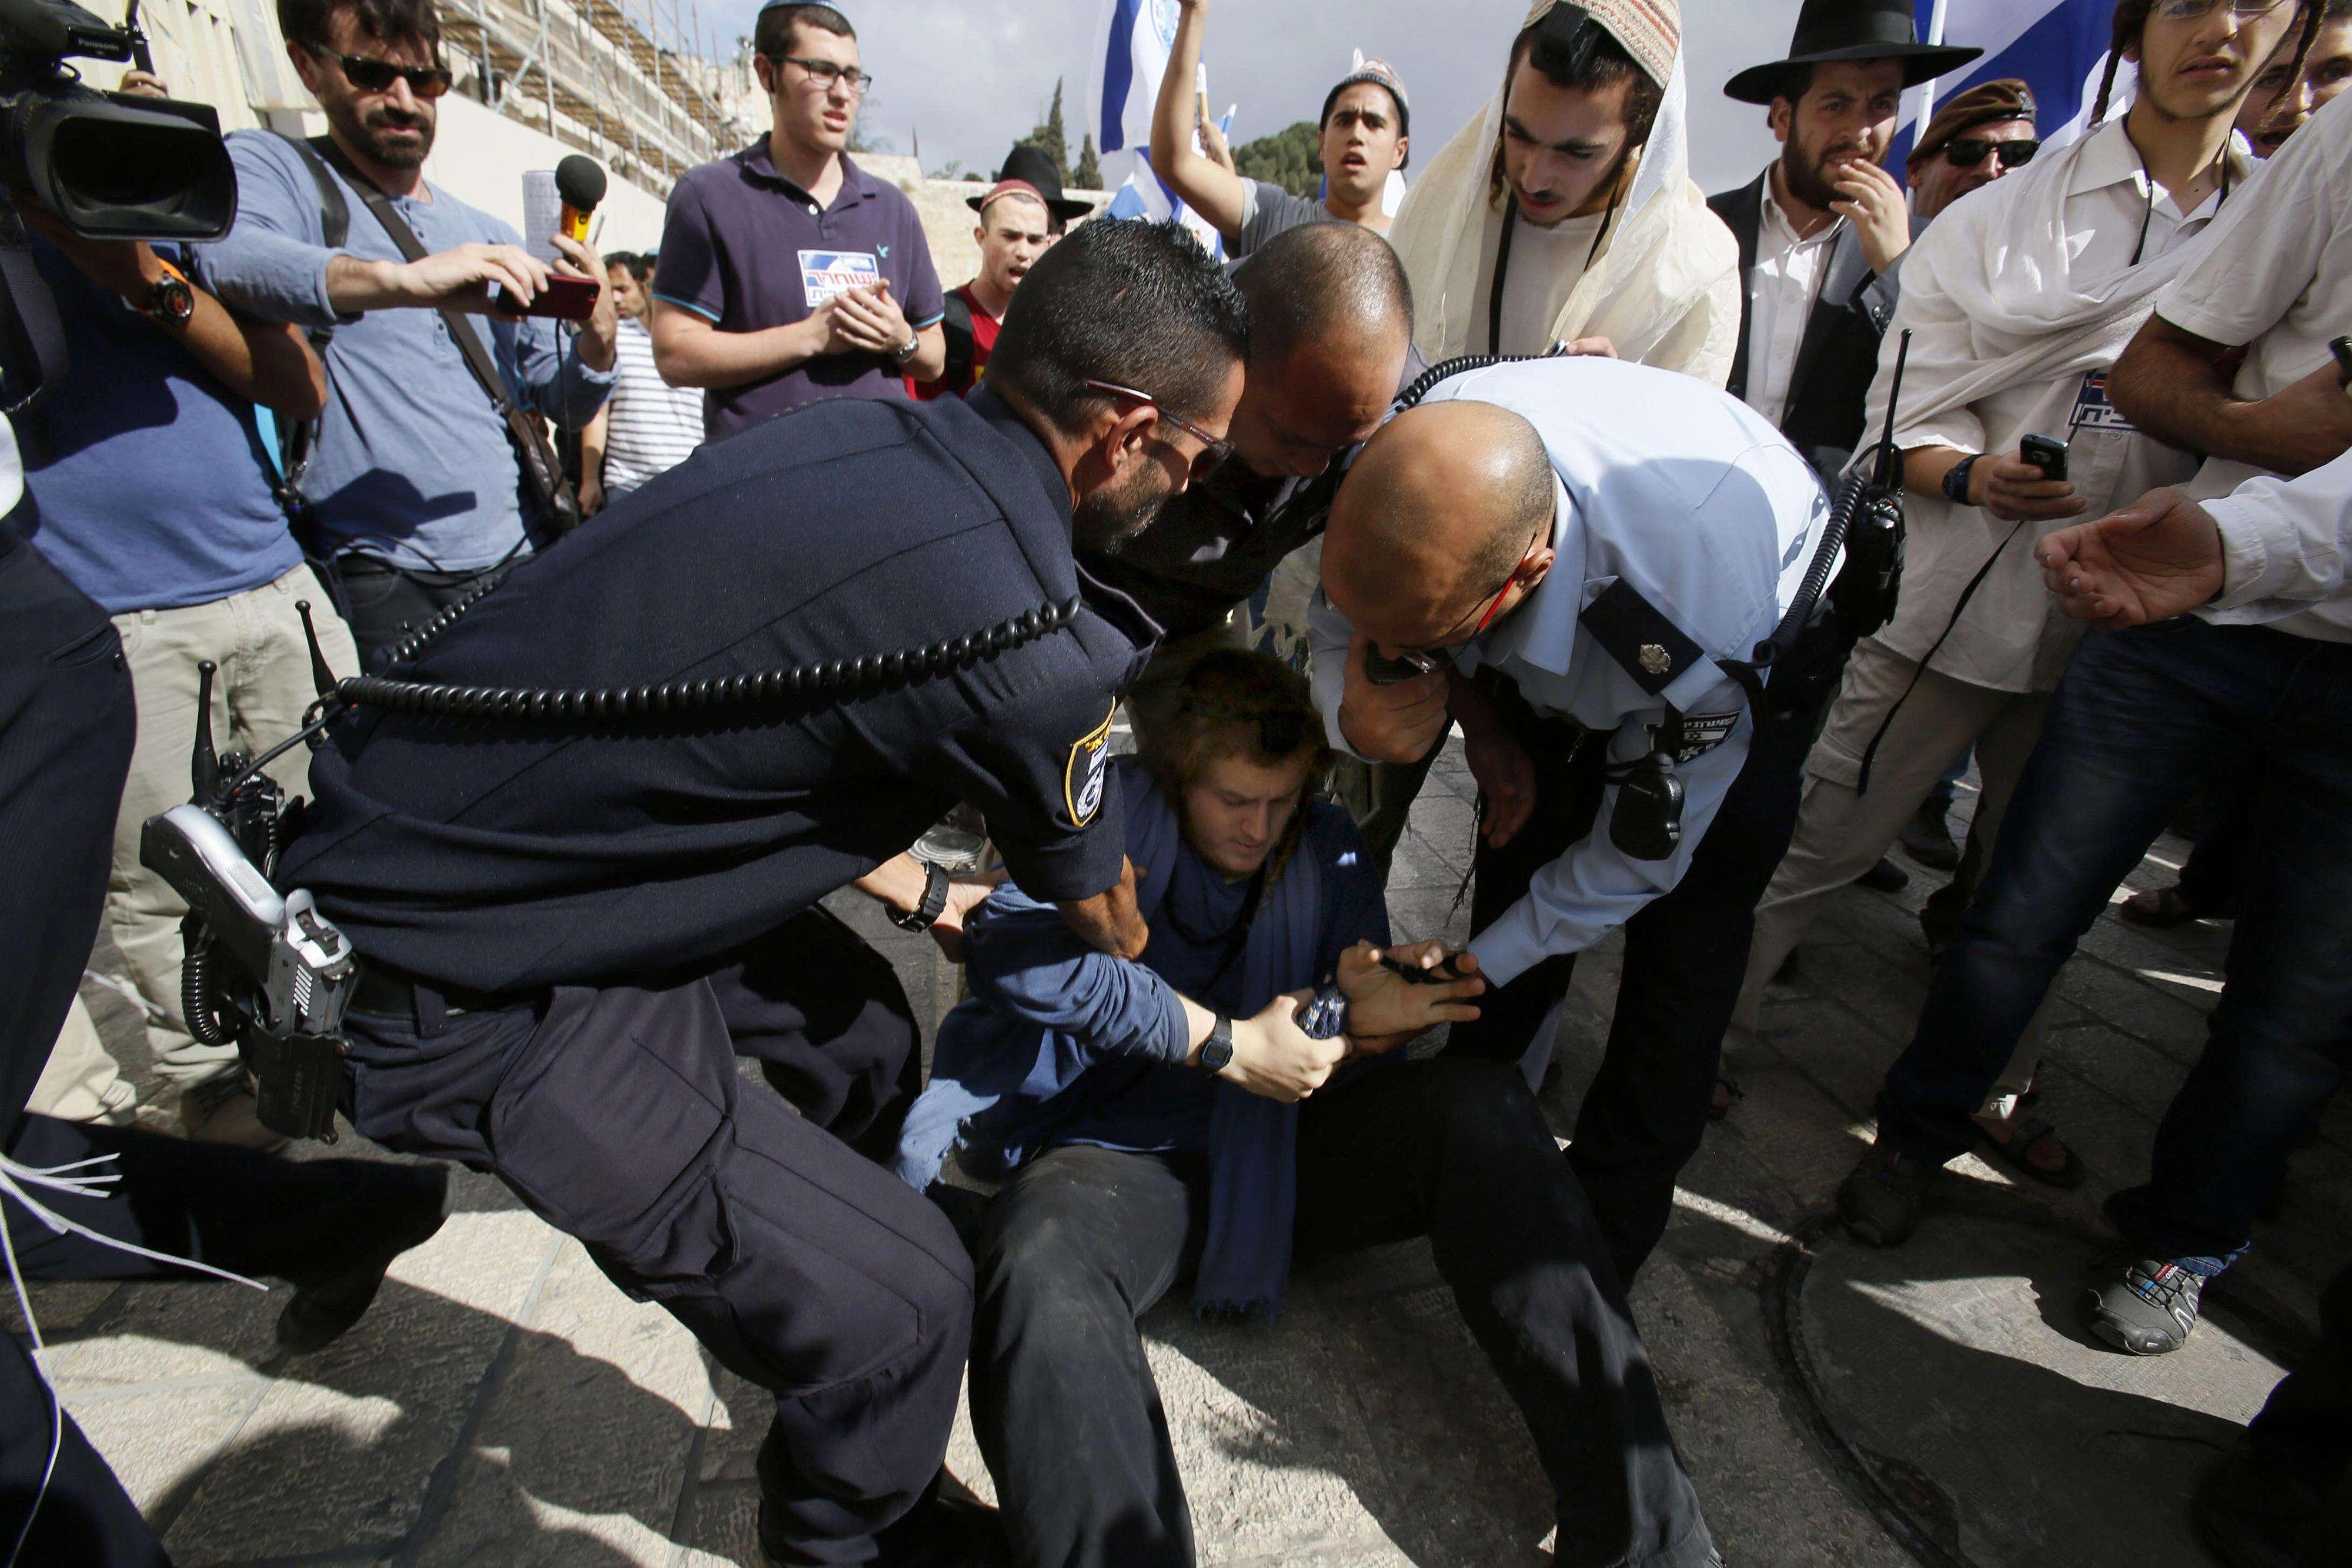 Polícia detém homem que tenta entrar na Esplanada das Mesquitas - fechada na quinta-feira e reaberta com restrições nesta sexta Foto: GALI TIBBON/AFP